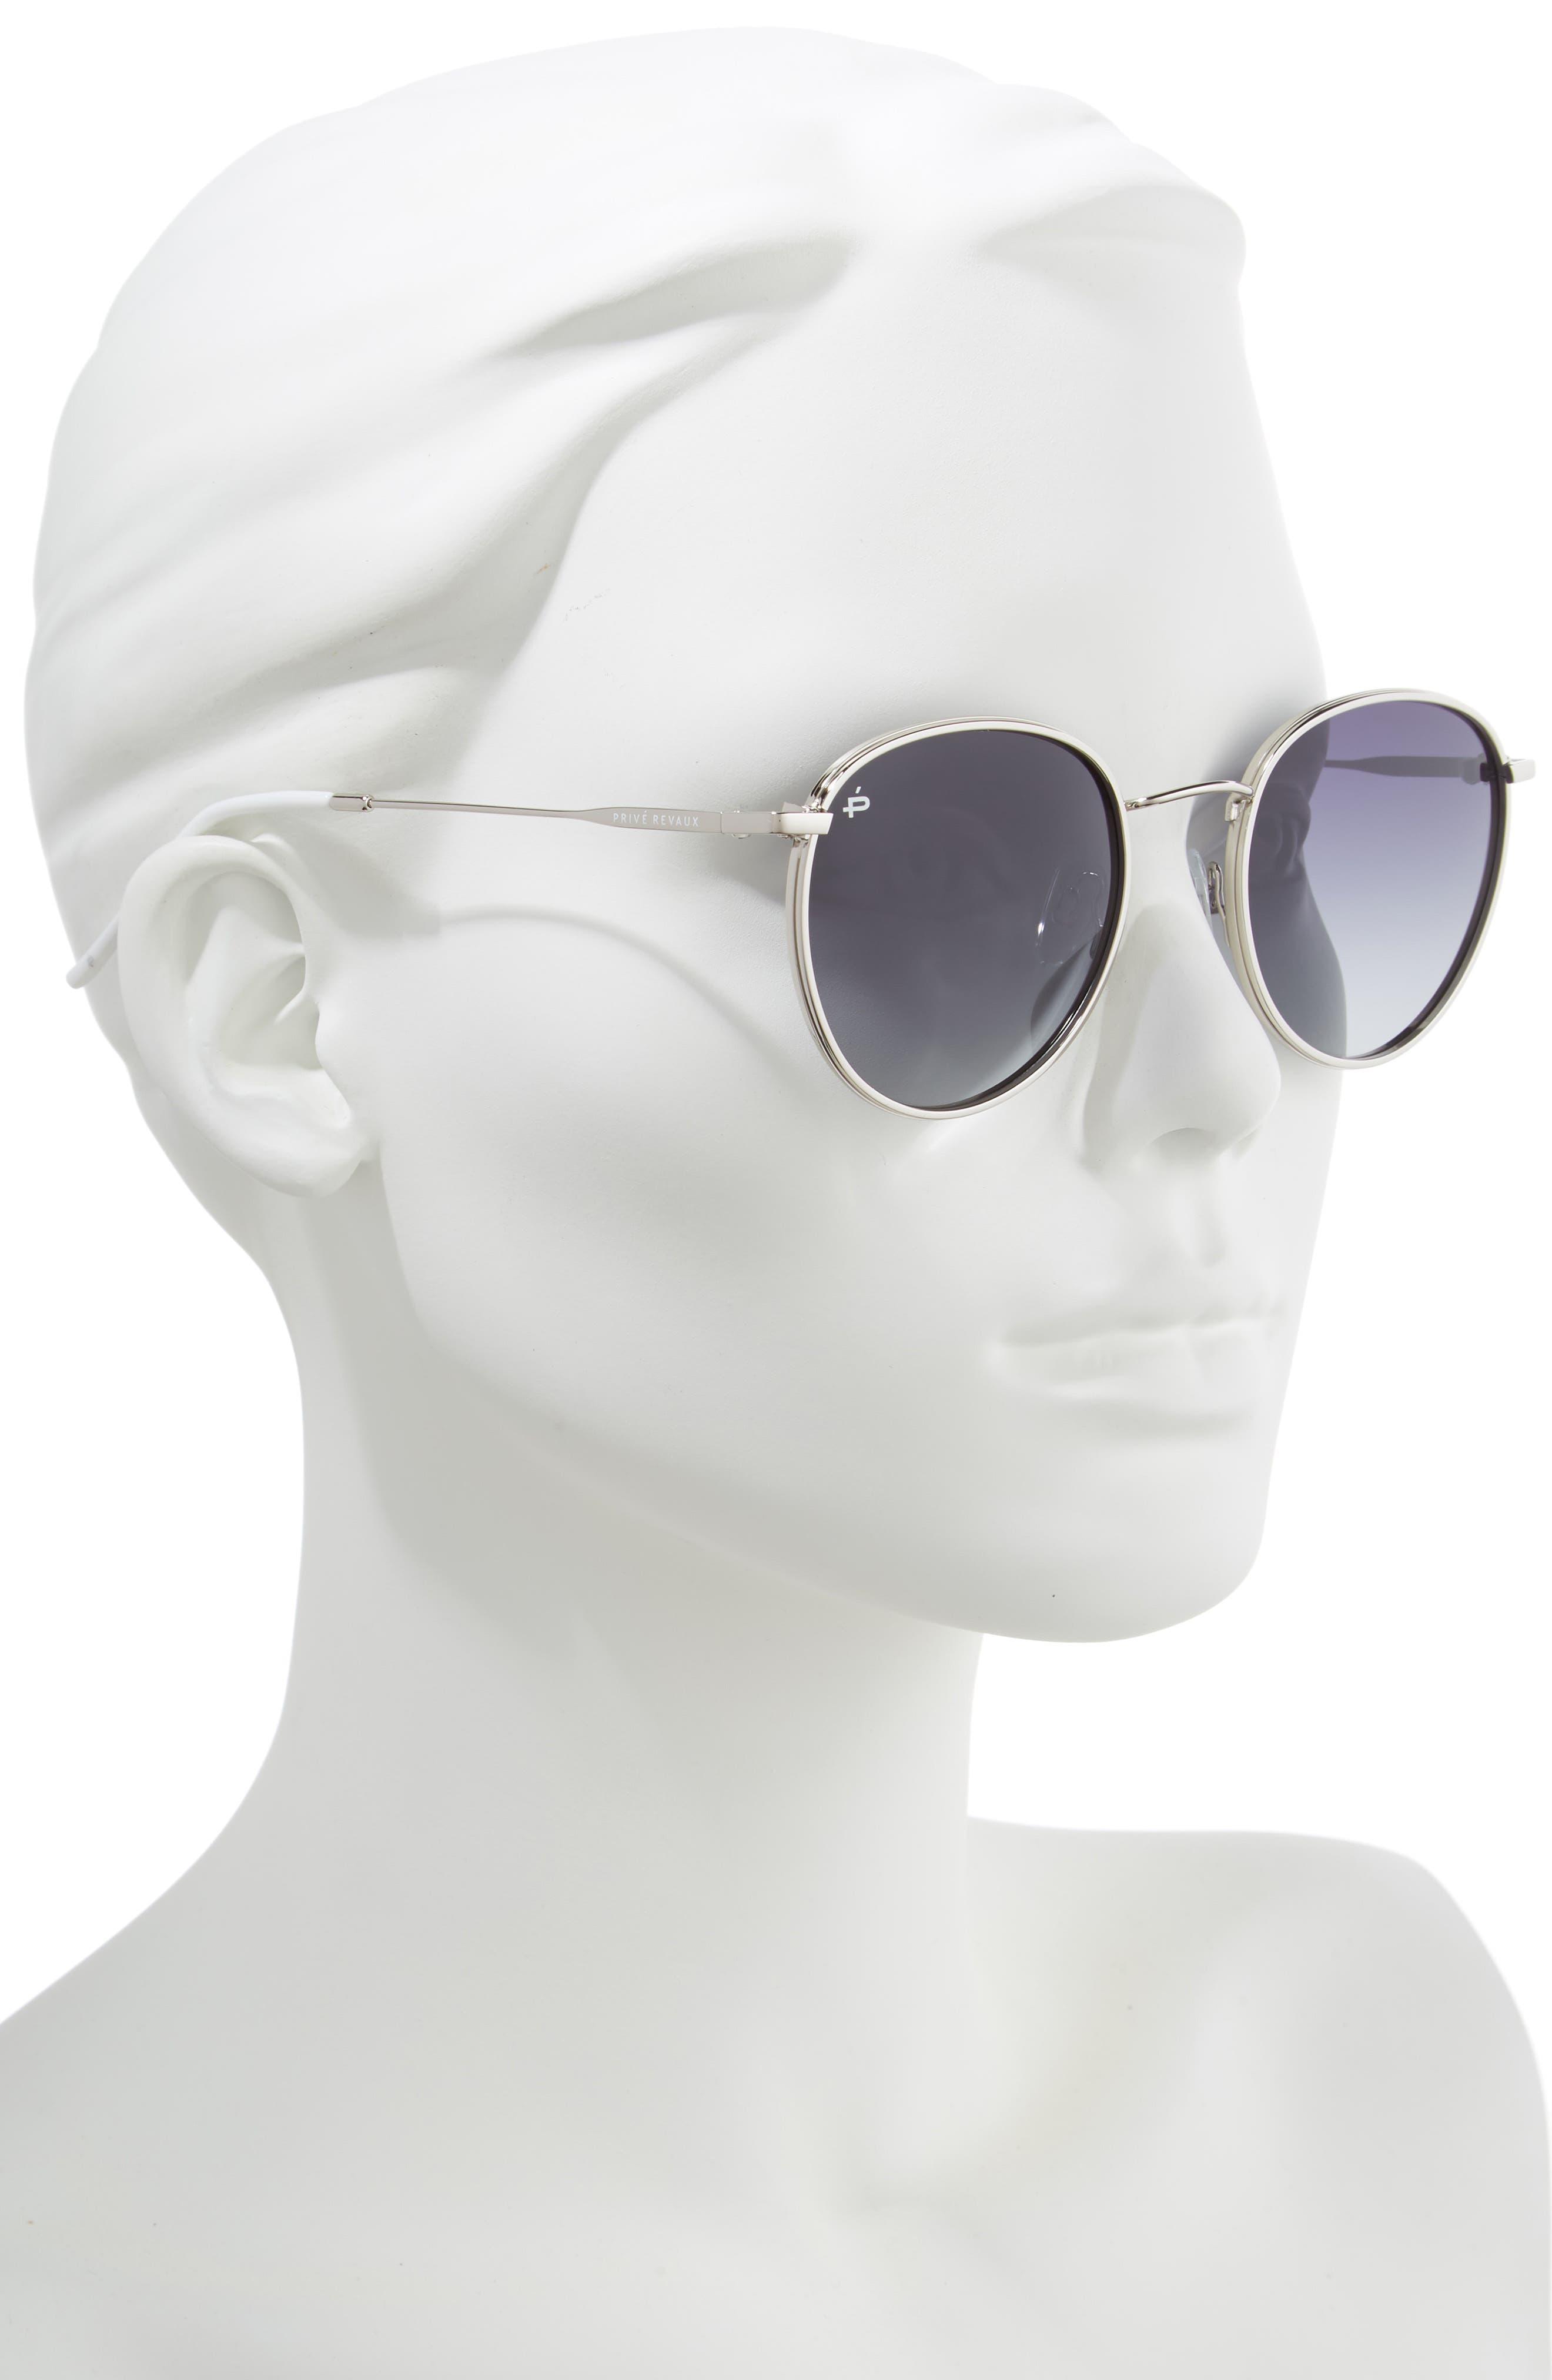 Privé Revaux The Patriot 53mm Sunglasses,                             Alternate thumbnail 4, color,